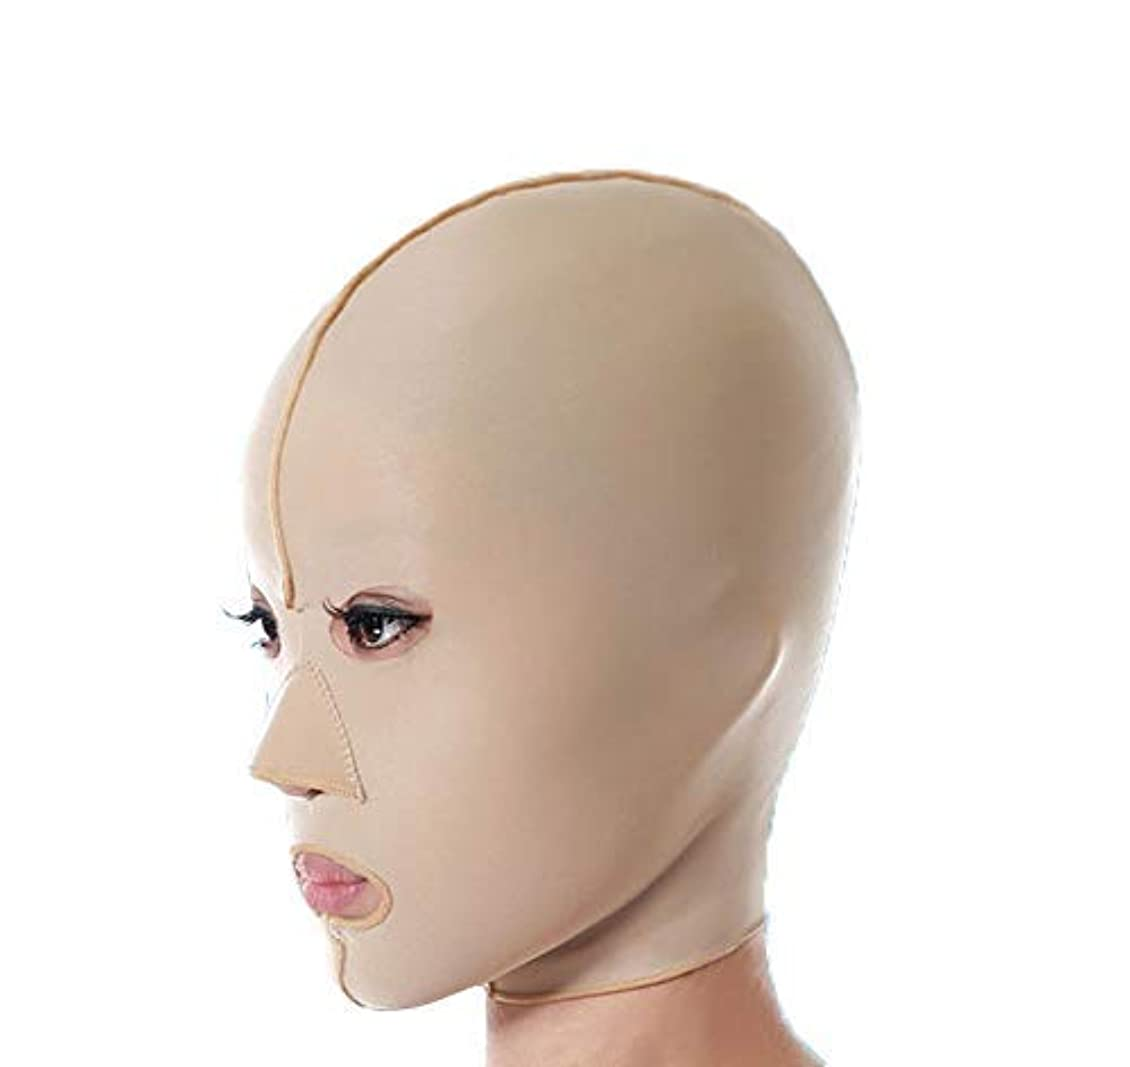 縞模様の耐える険しいファーミングフェイスマスク、フェイシャルマスク医学強力なフェイスマスクアーティファクト美容垂れ防止法パターンフェイシャルリフティングファーミングフルフェイスマスク(サイズ:M),M